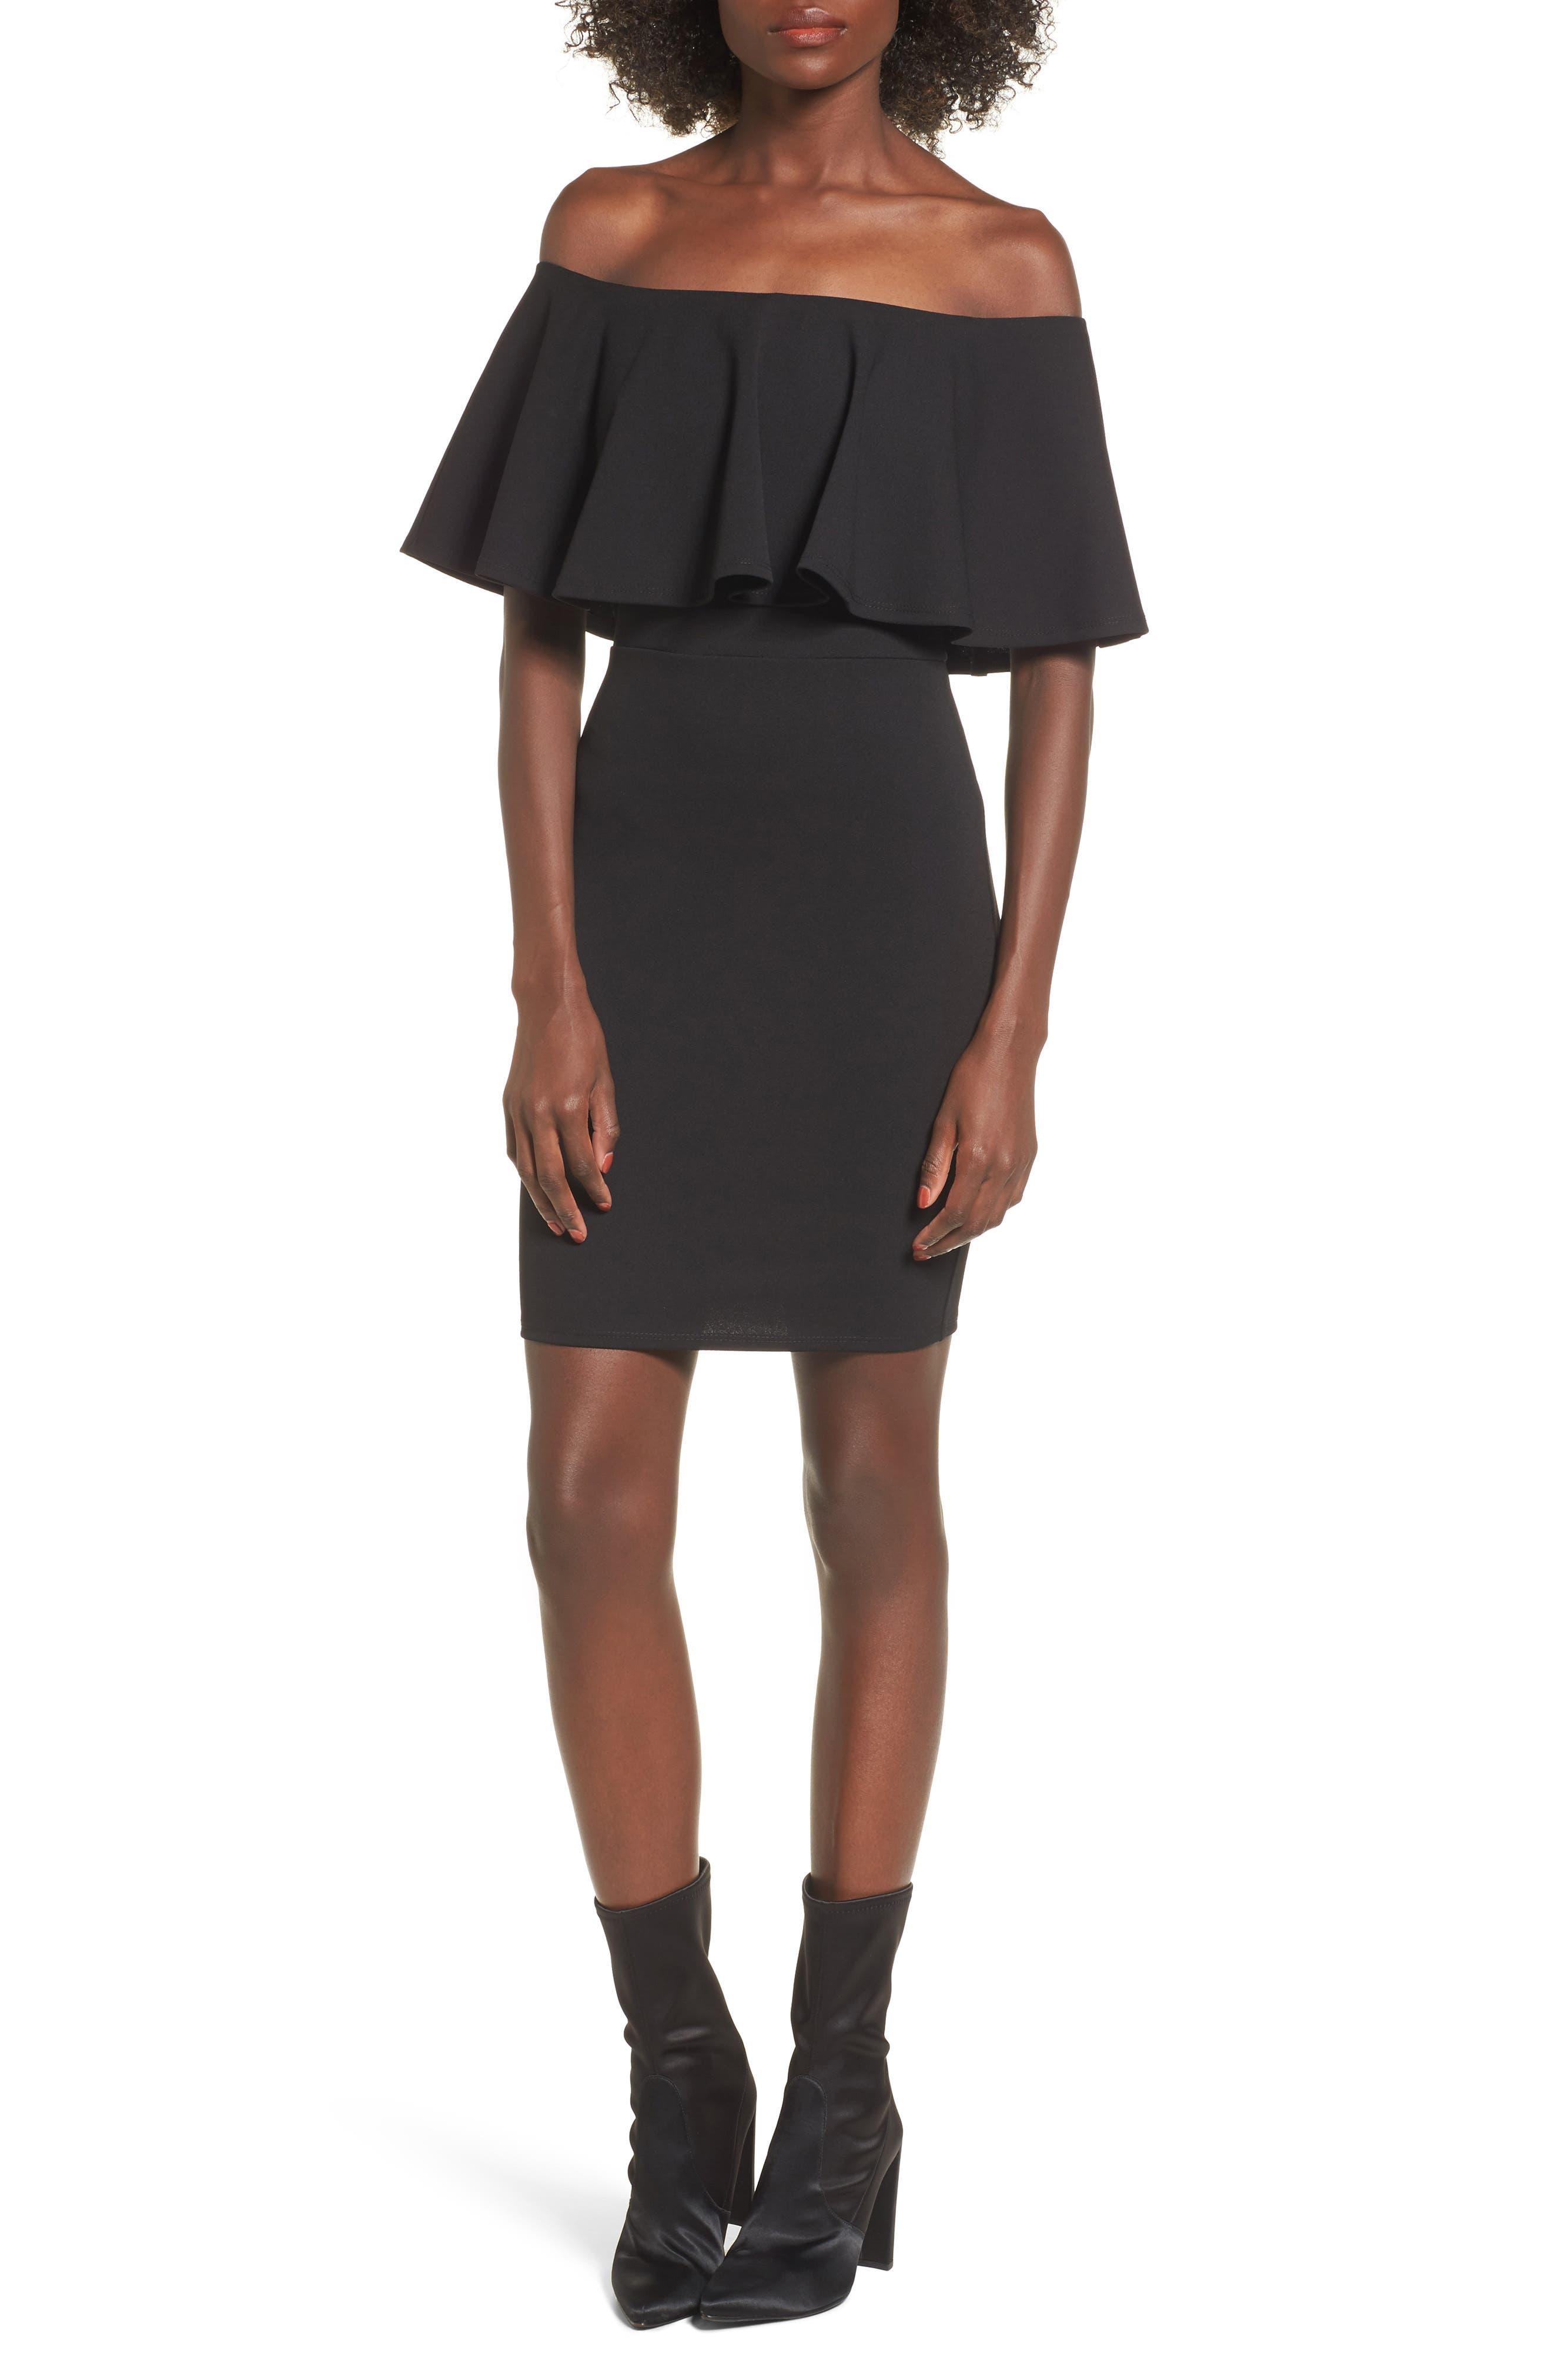 SOPRANO Ruffle Off the Shoulder Body-Con Dress, Main, color, 001